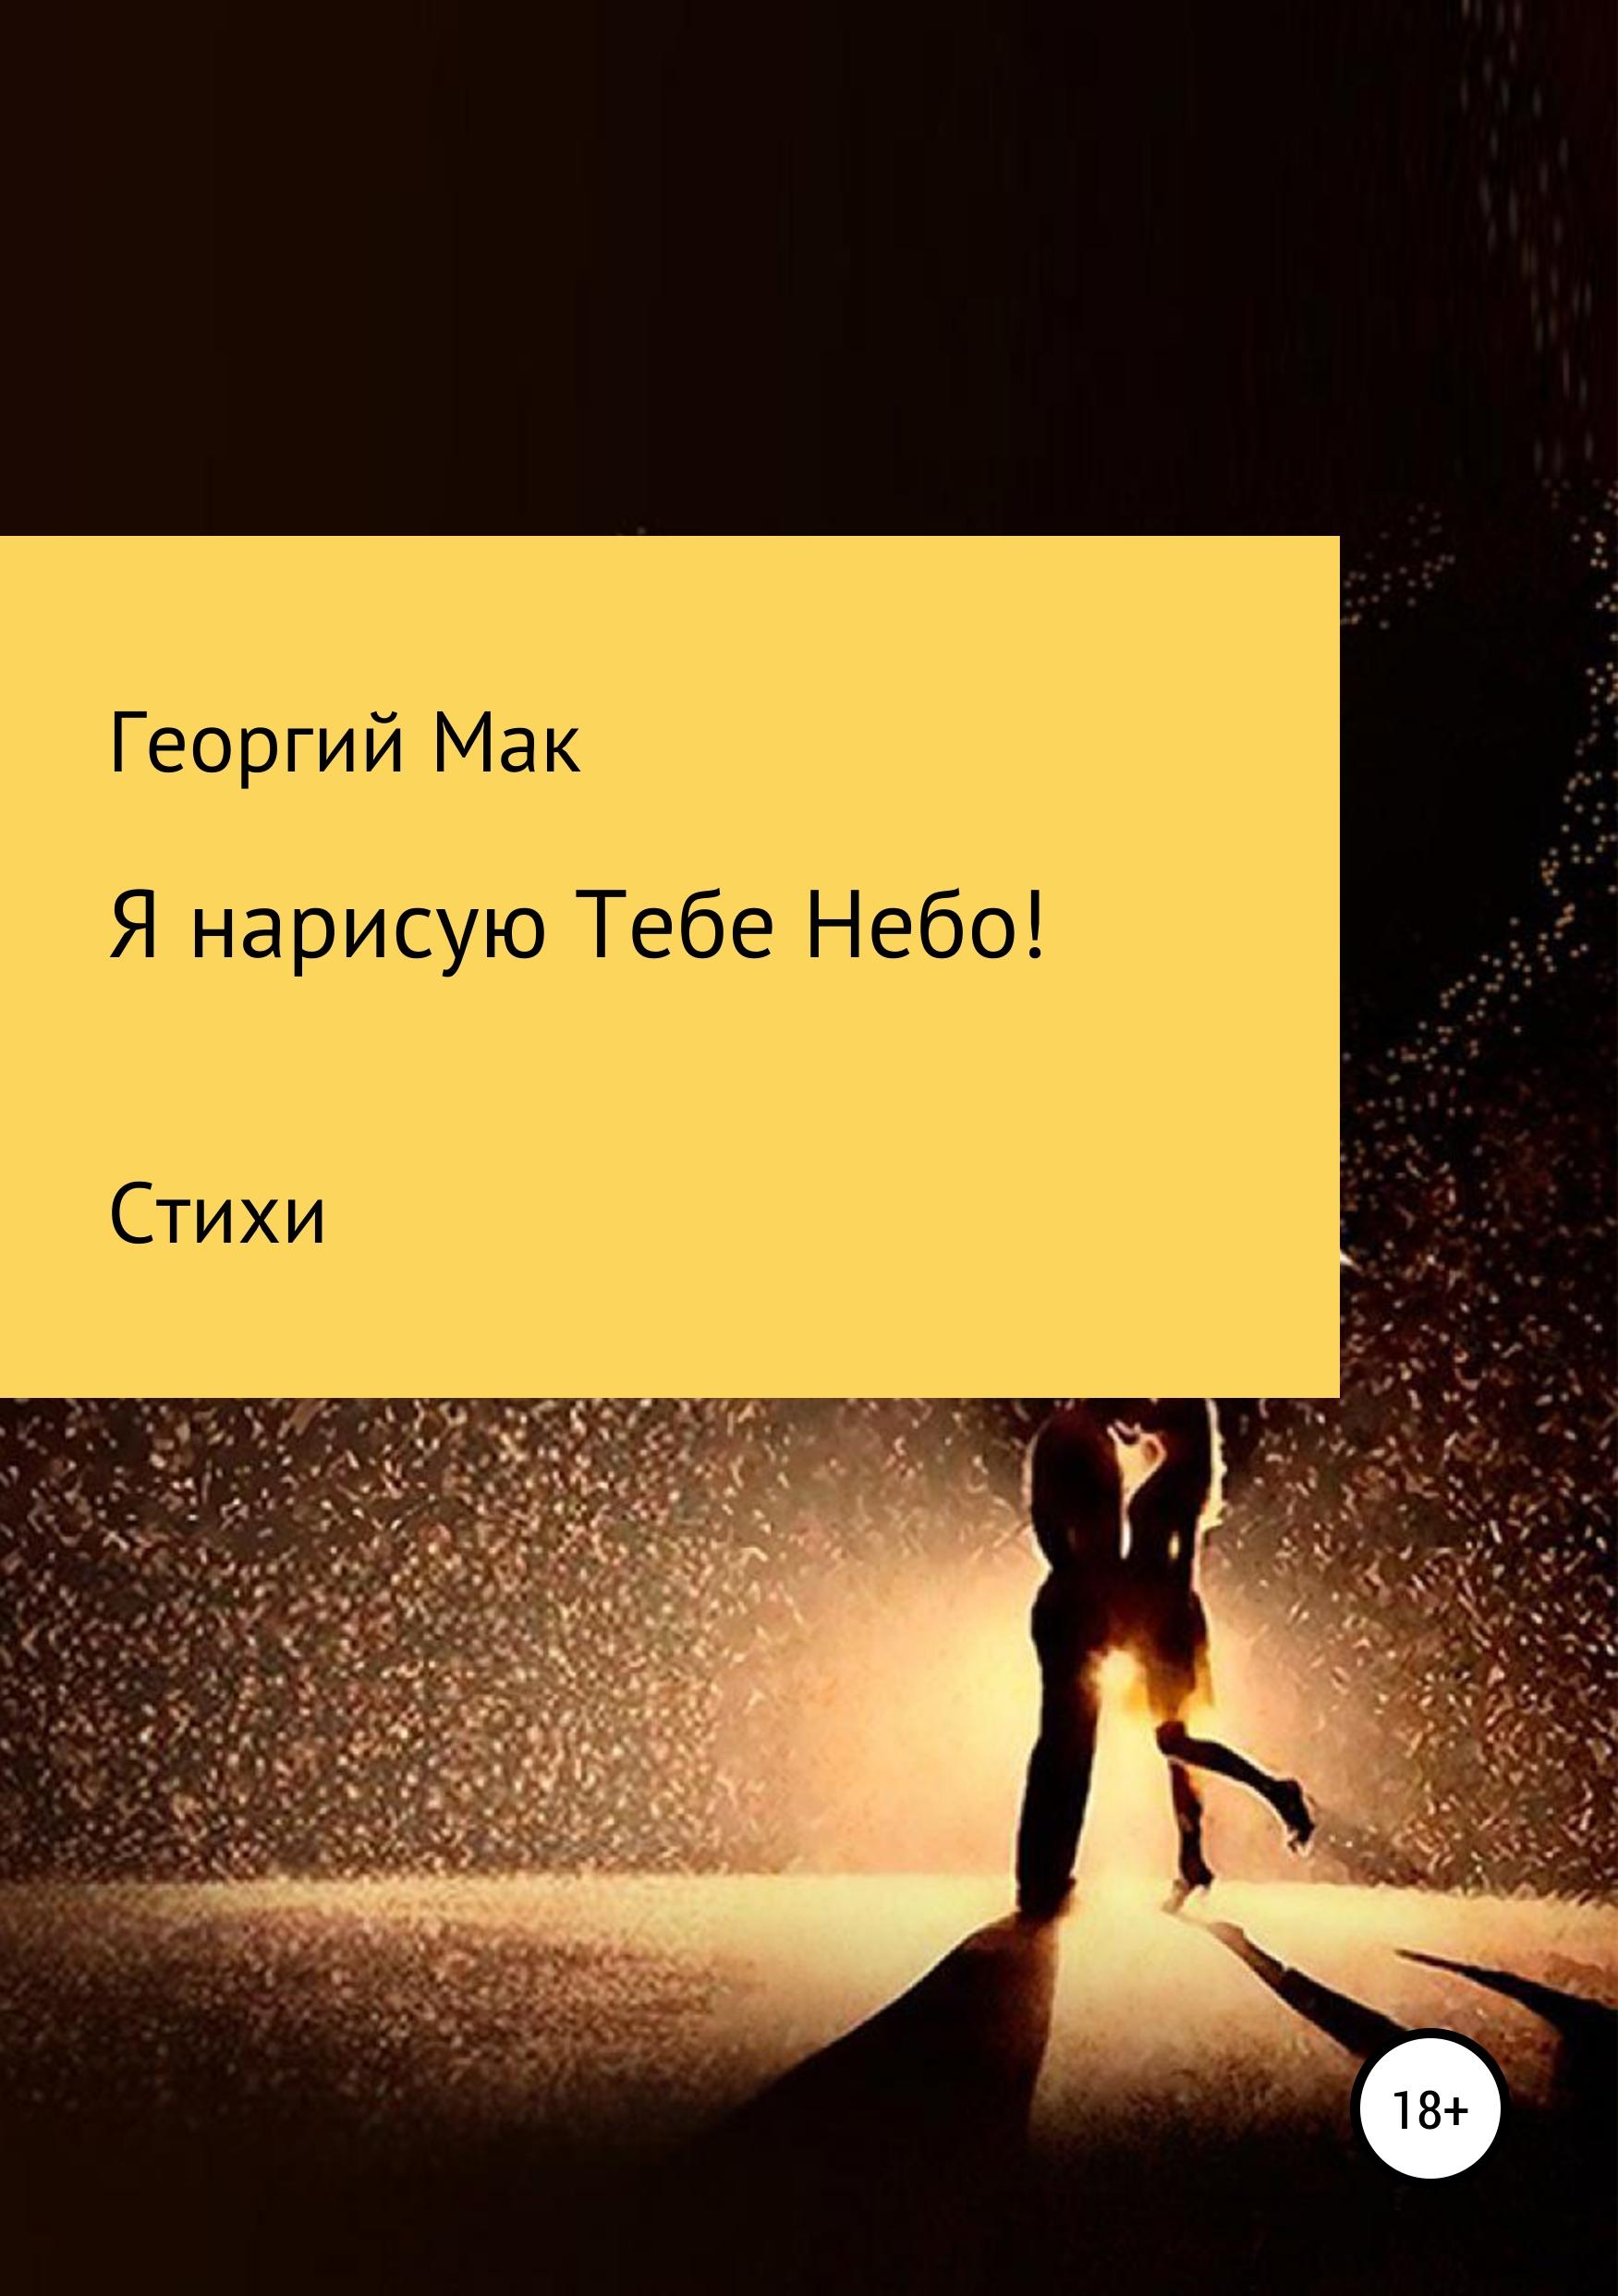 Георгий Сергеевич Мак Я нарисую Тебе Небо! олейник с я нарисую храм стихотворения